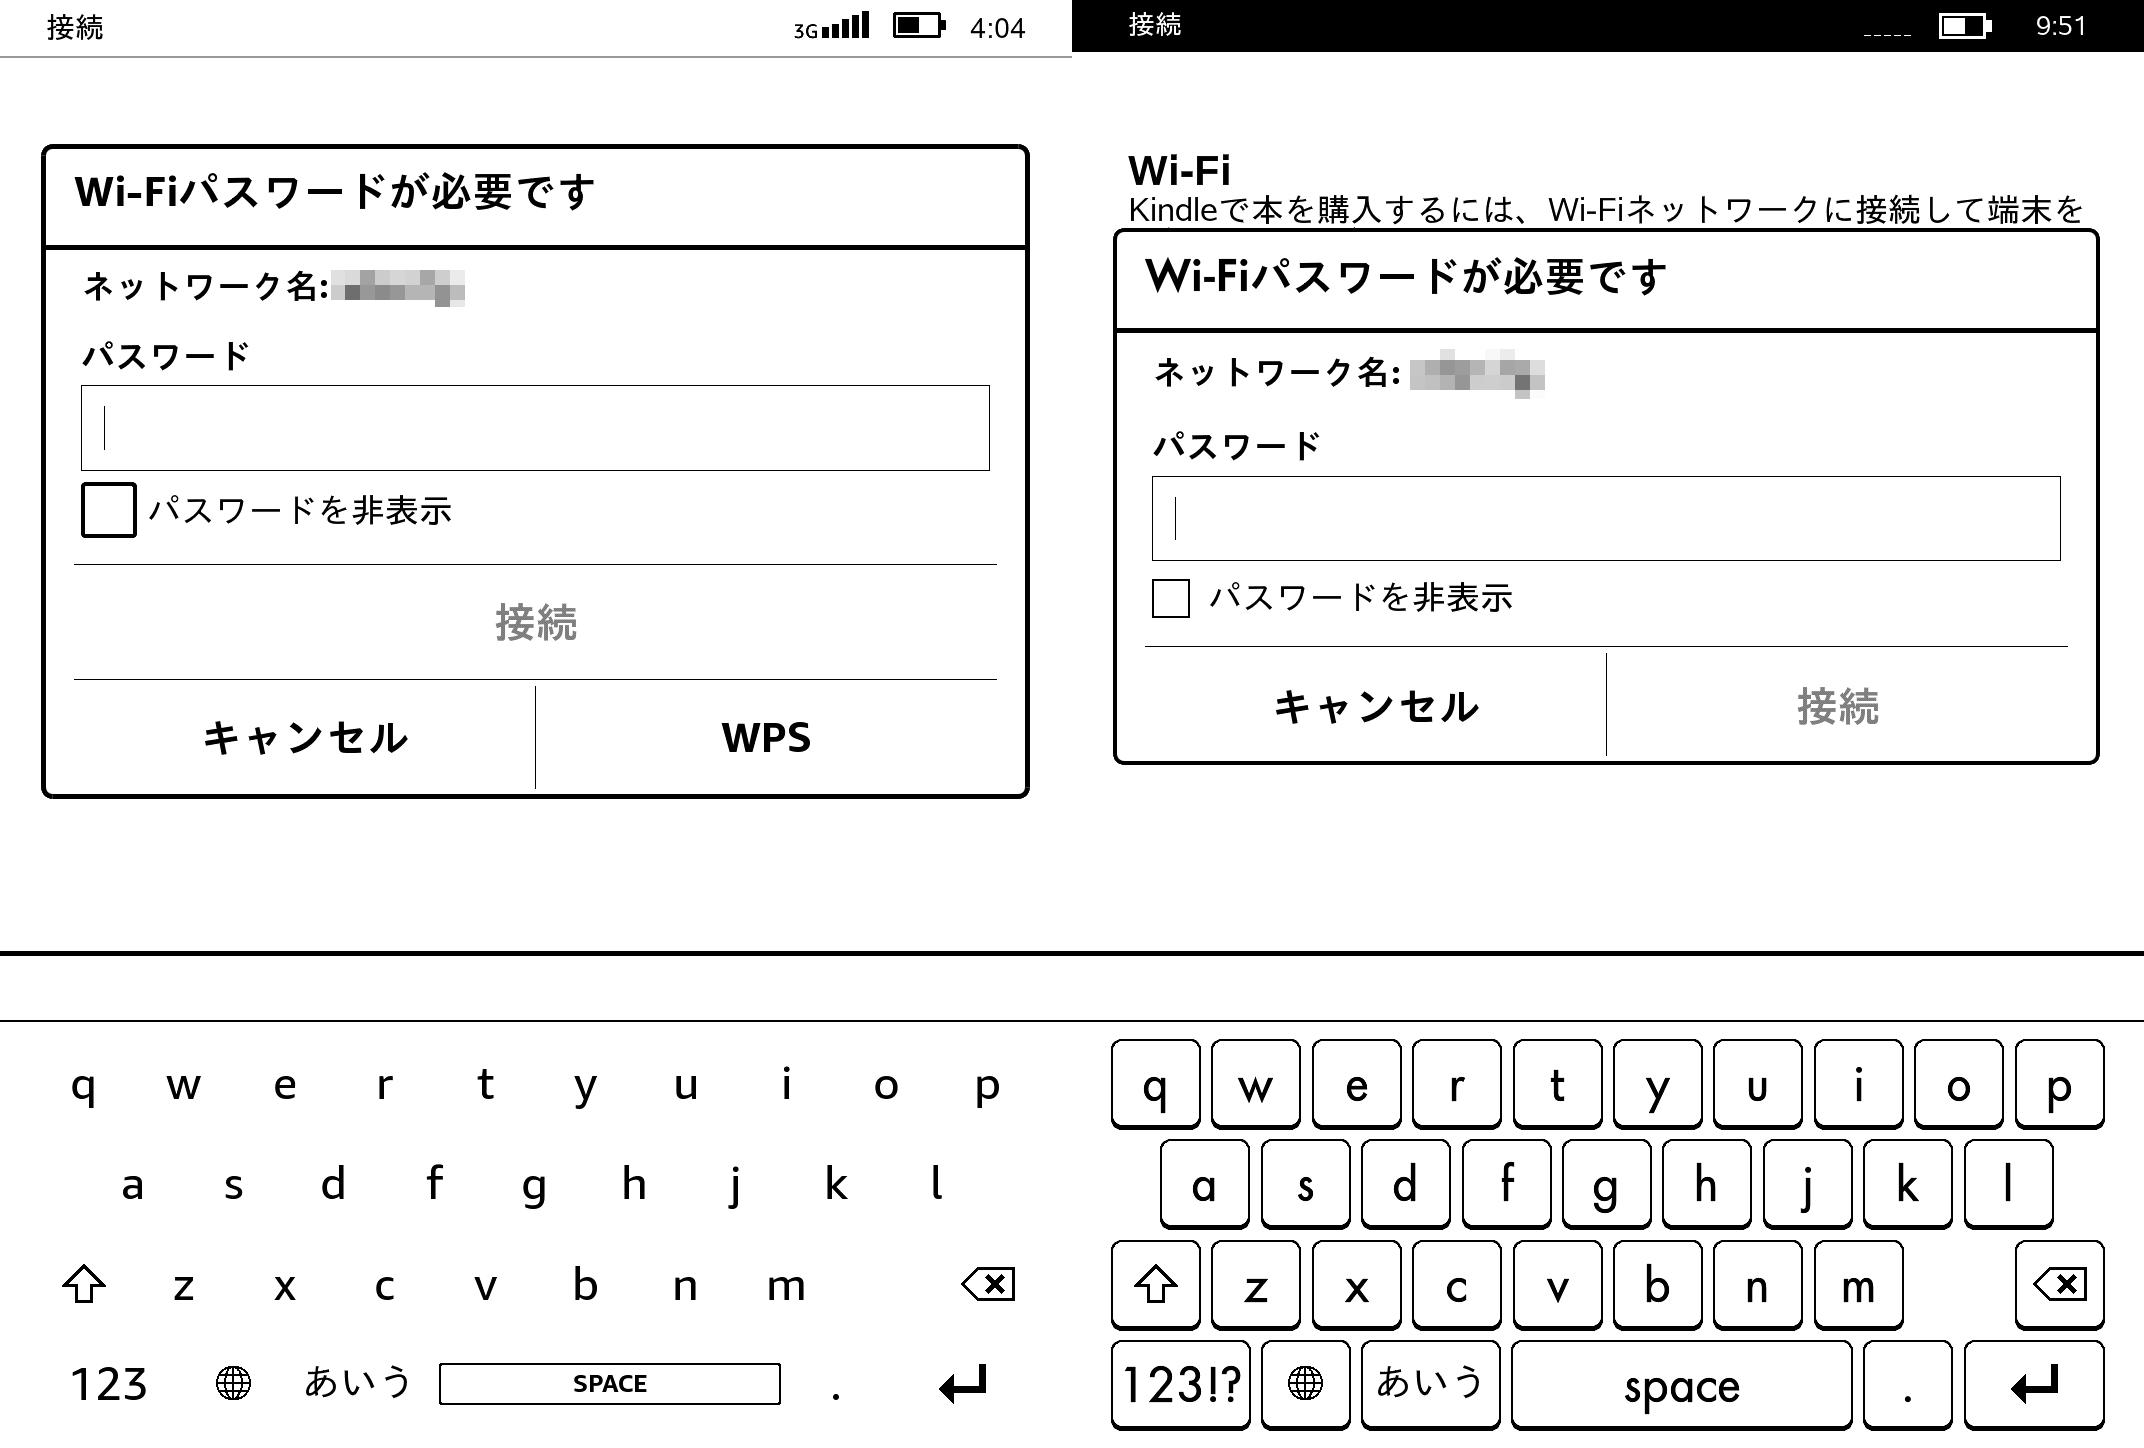 Wi-Fiパスワードの入力画面。従来の「接続」の位置に「WPS」ボタンがあり非常に紛らわしい。「接続」と位置を入れ替えるべきだろう。またキーボードのデザインが変更になり、キーの境界線が明示されなくなっている